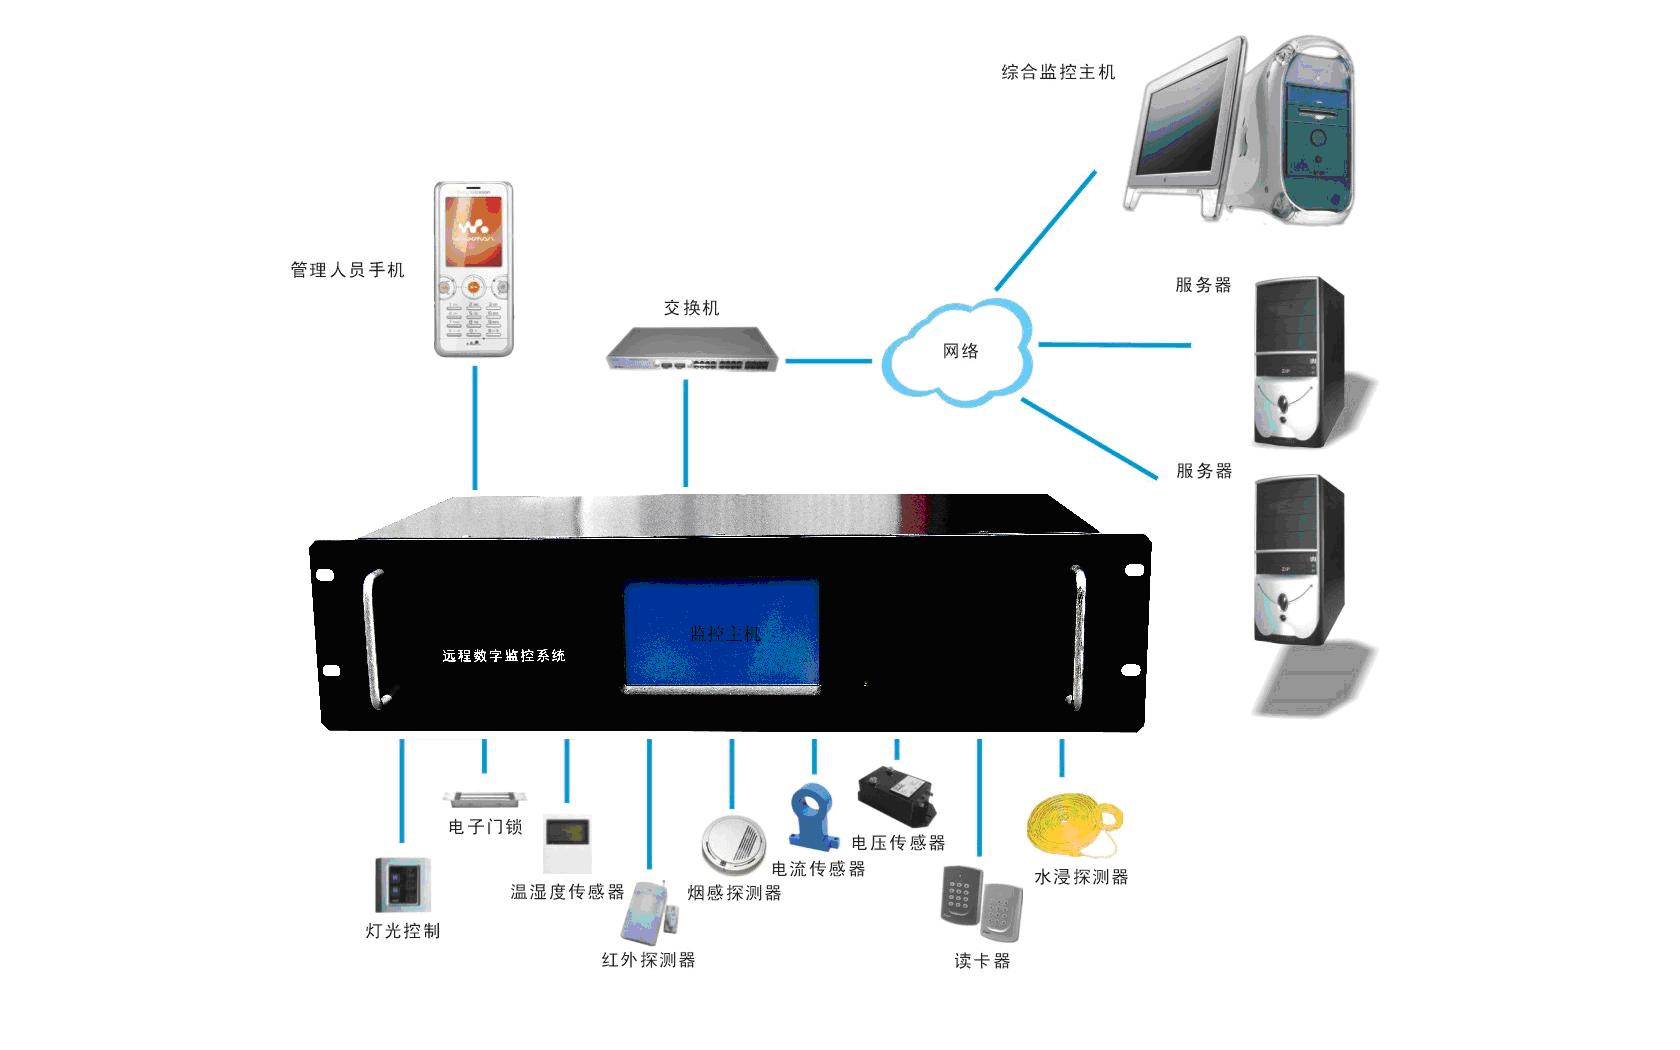 机房监控系统主要是针对机房所有的设备及环境进行集中监控和管理的,其监控对象构成机房的各个子系统:动力系统、环境系统、消防系统、保安系统、网络系统等。机房监控系统基于网络综合布线系统,采用集散监控,在机房监视室放置监控主机,运行监控软件,以统一的界面对各个子系统集中监控。机房监控系统实时监视各系统设备的运行状态及工作参数,发现部件故障或参数异常,即时采取多媒体动画、语音、电话、短消息等多种报警方式,记录历史数据和报警事件,提供智能专家诊断建议和远程监控管理功能以及WEB浏览等。